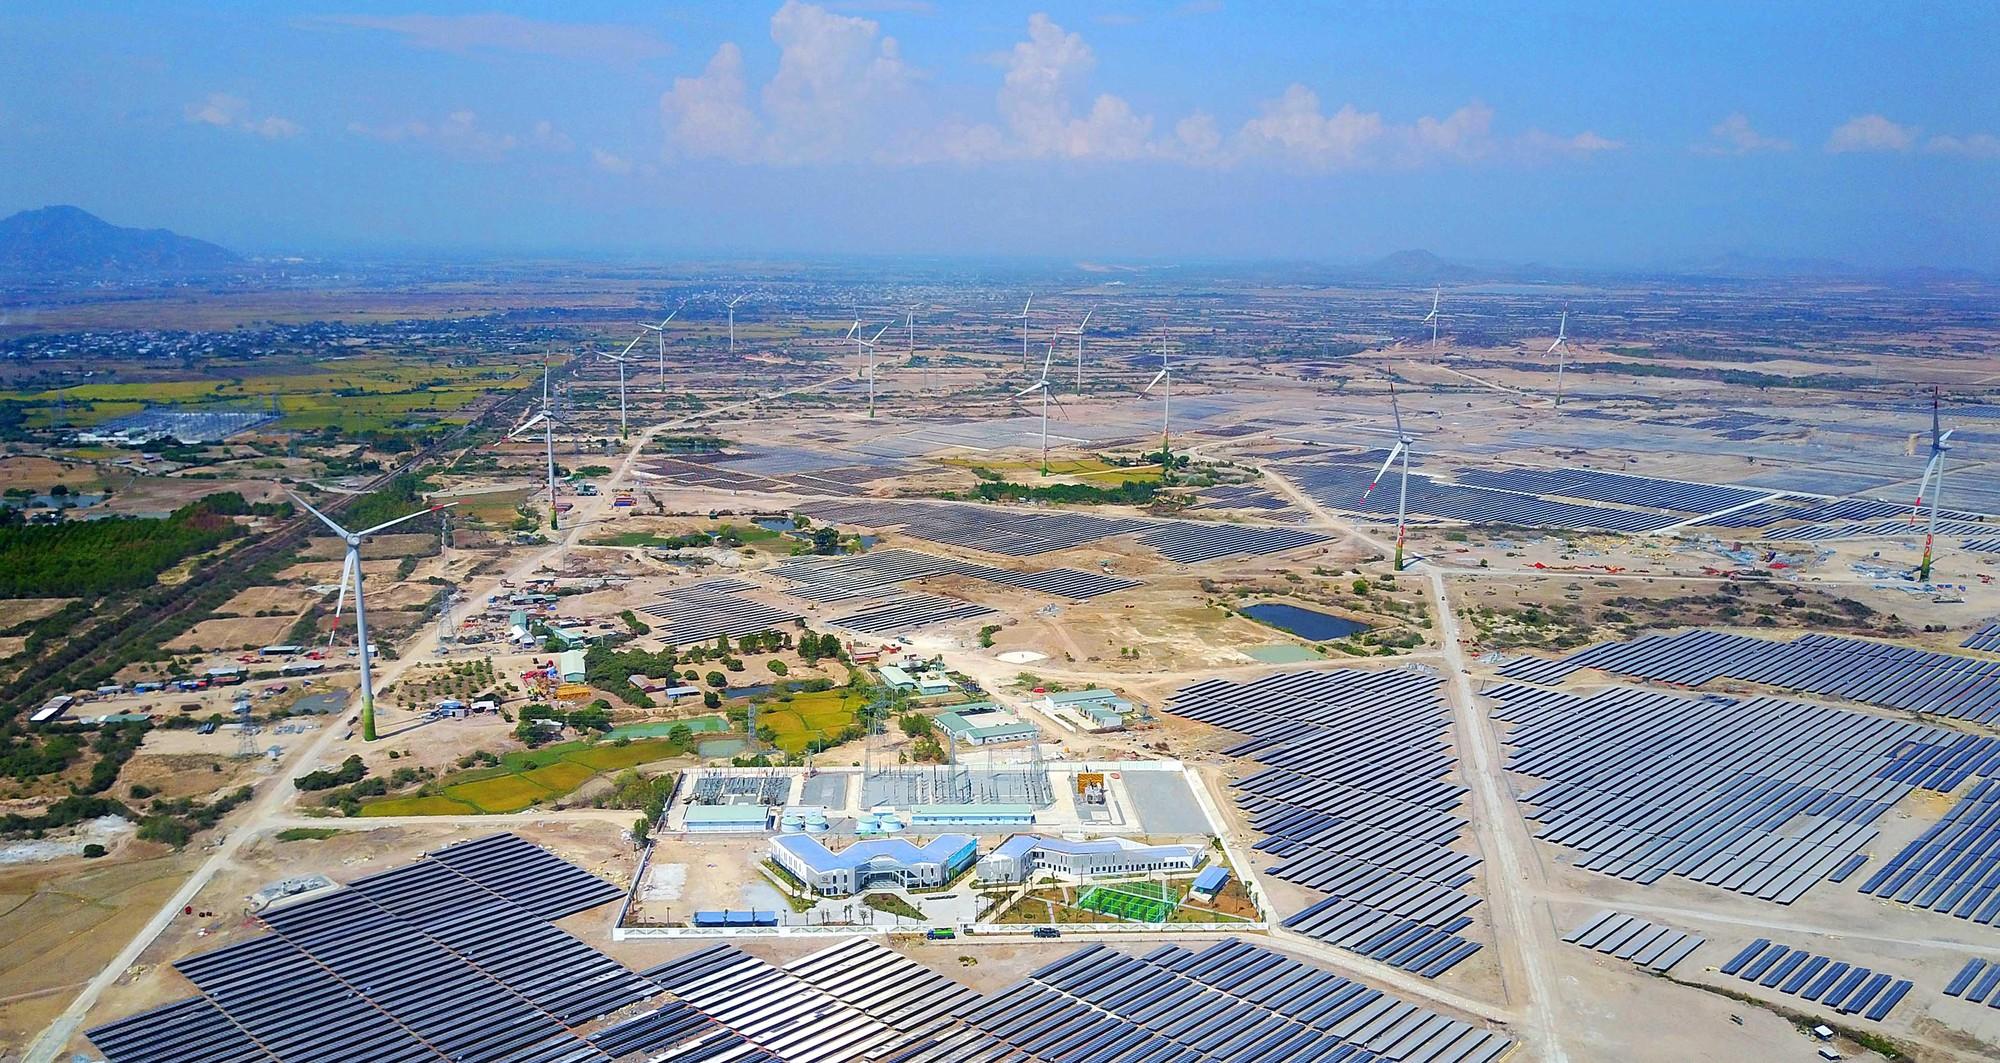 Tập đoàn Trung Nam đề nghị được đầu tư xây dựng trạm biến áp 500kV và đường dây đấu nối để giảm áp cho ngành điện tại Ninh Thuận.